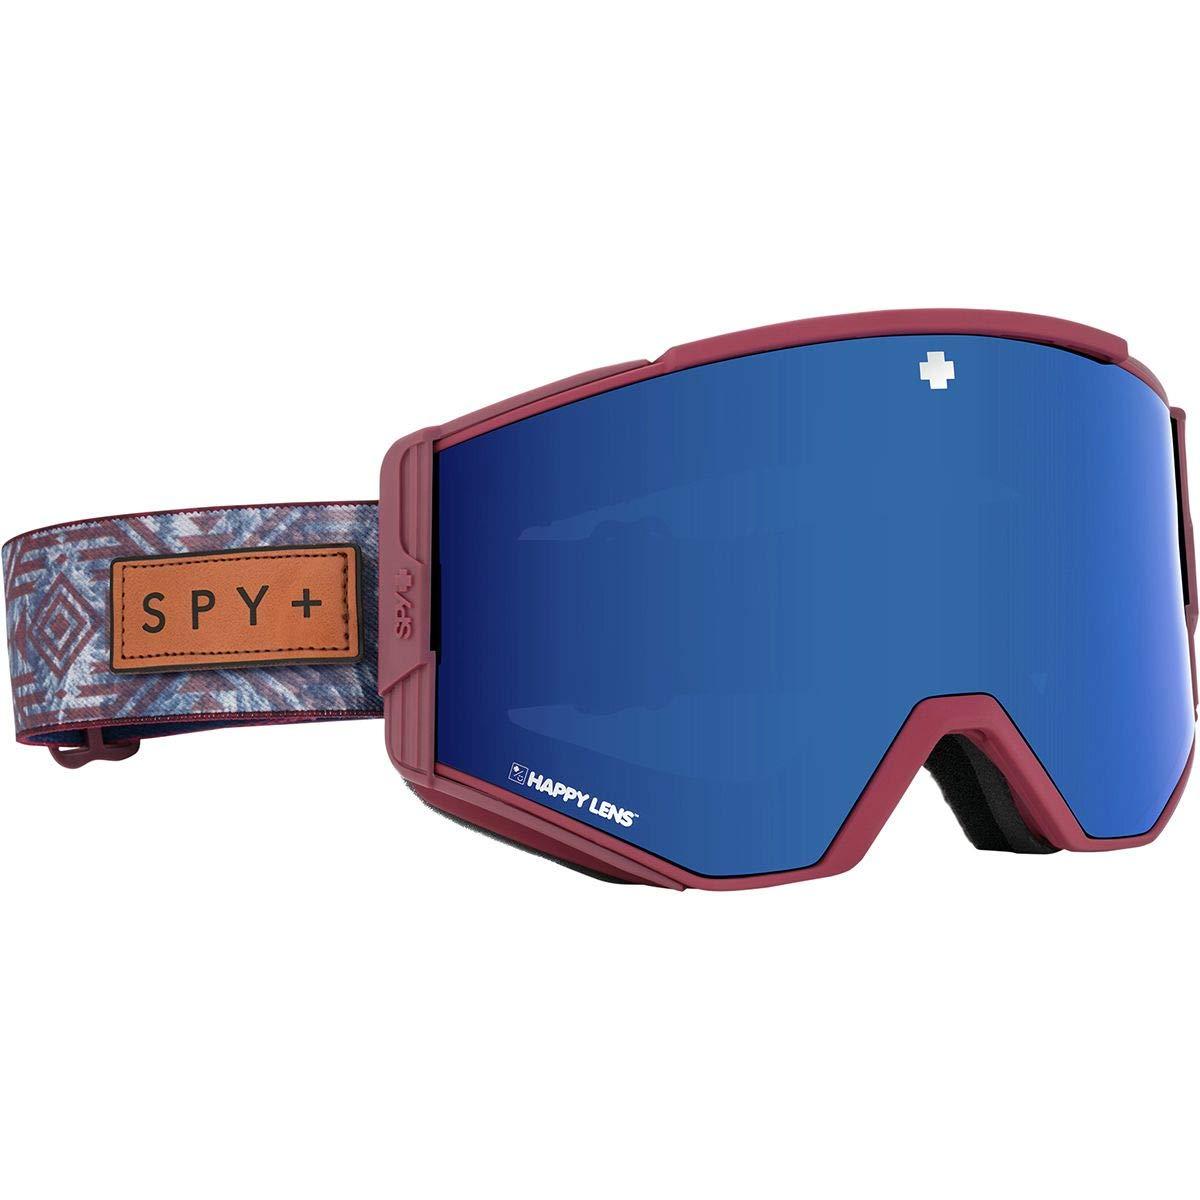 Spy Optic Aceスノーゴーグル クイックドローレンズシステム スキー/スノーボード/スノーモービル用 一部のスタイルに特許取得済みのHappy Lensを採用 NATIVE NATURE 赤-HAPPY ROSE w/DARK 青 SPECTRA+HAPPY LIGHT GRAY 緑 w/LUCID 赤